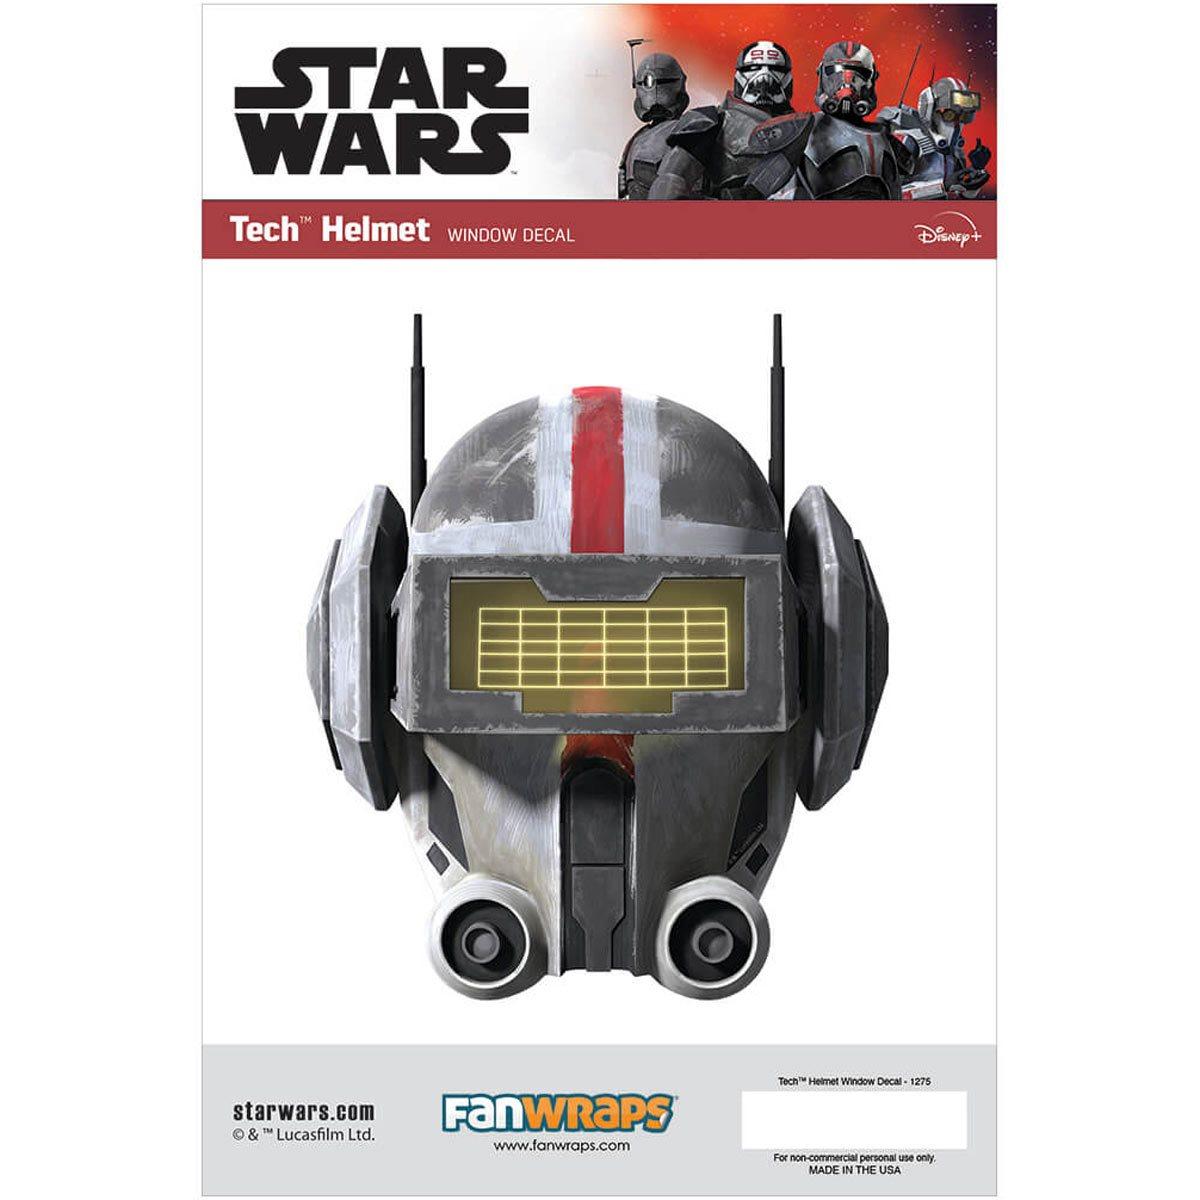 Star Wars Tech Helmet Window Decal画像